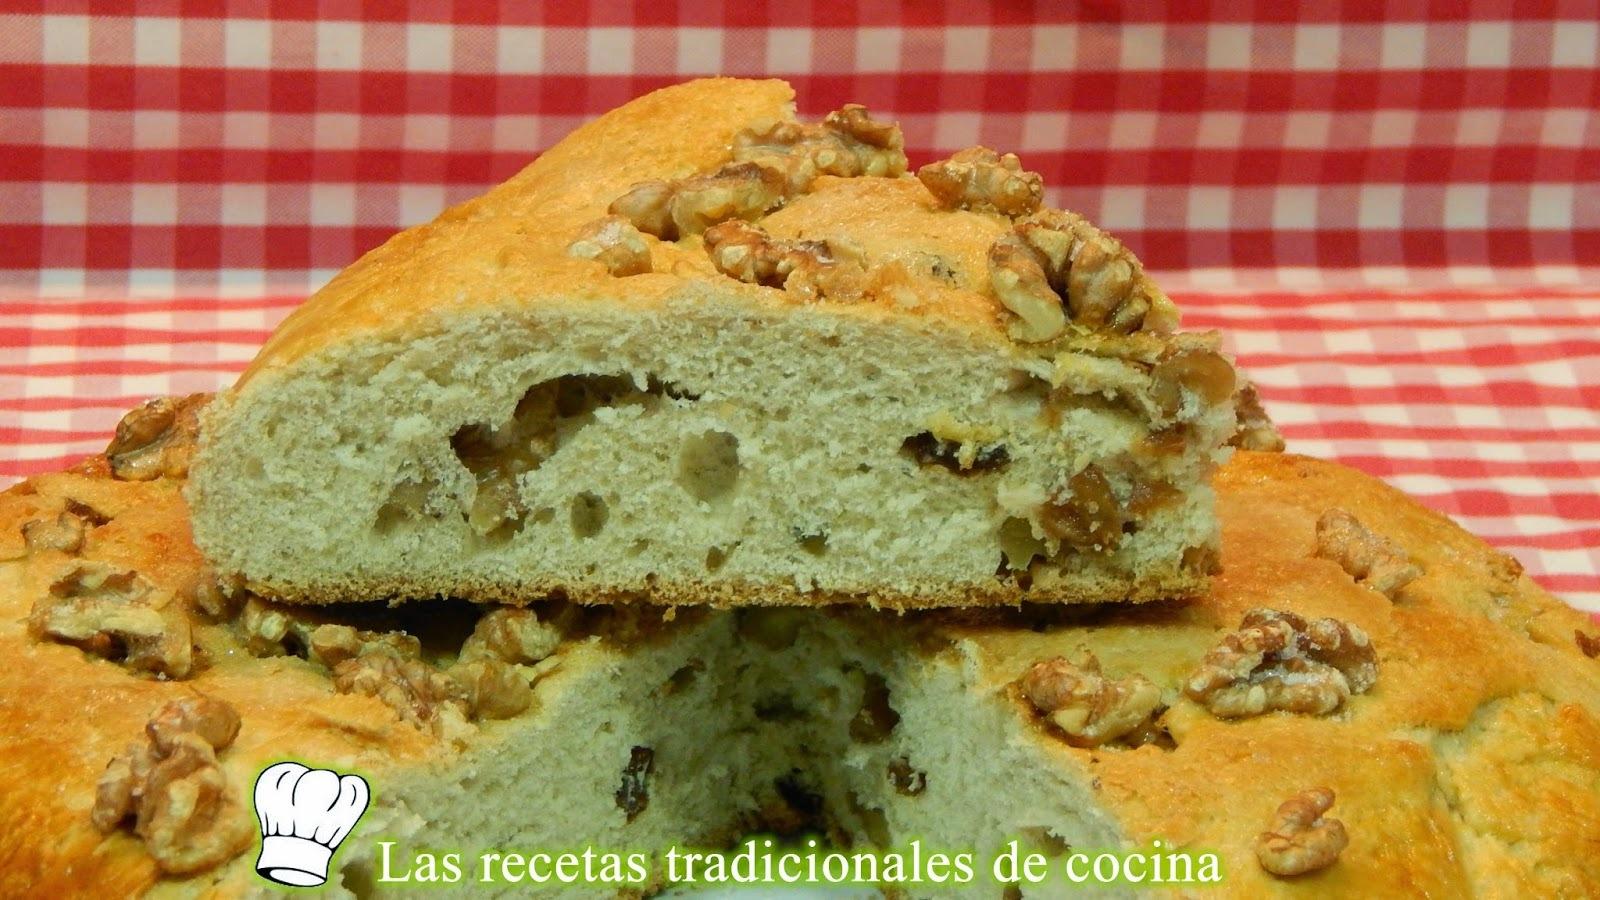 Receta de torta de nueces y pasas o pan dulce